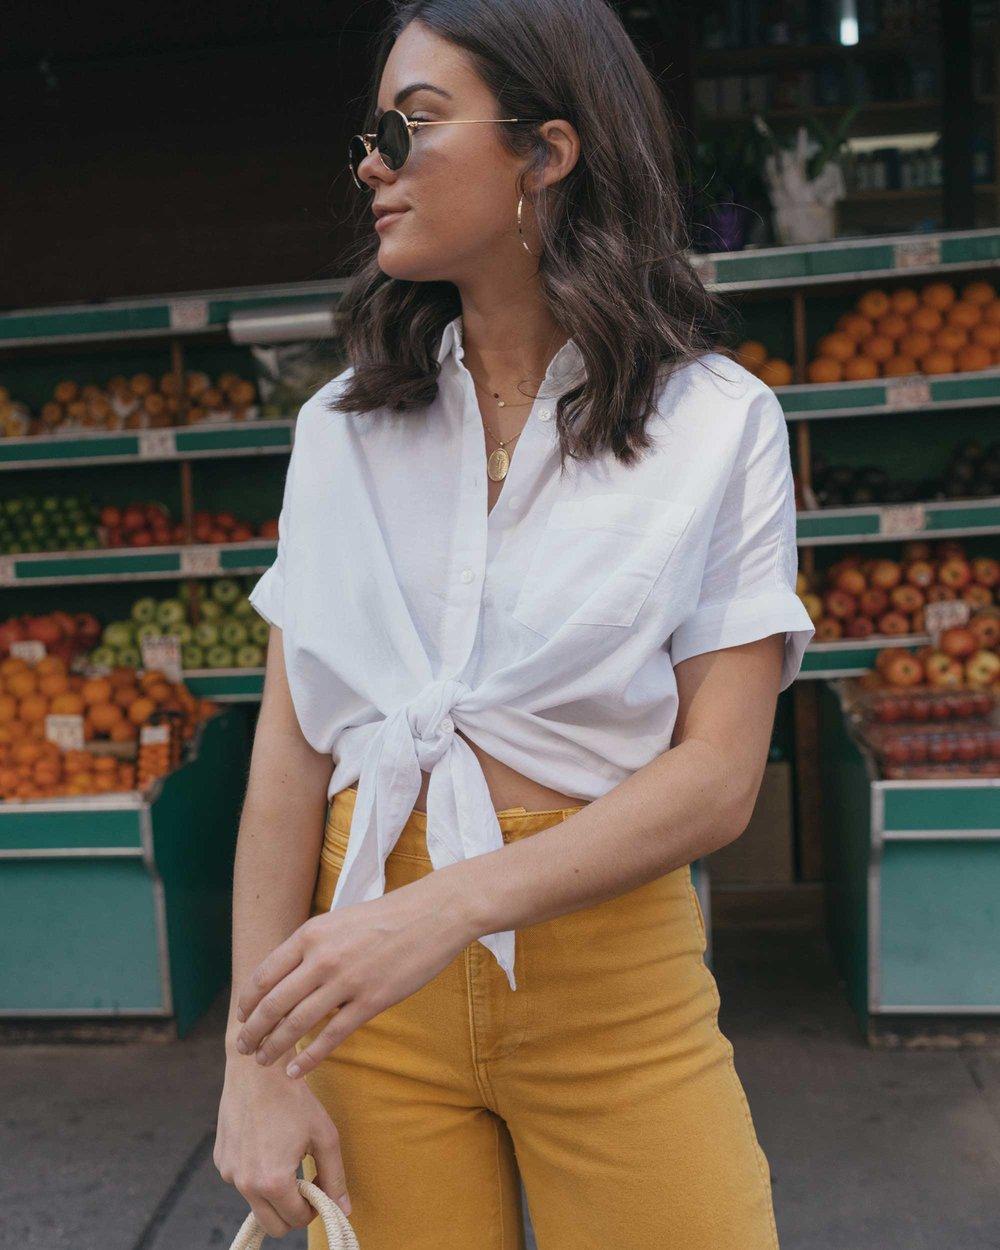 Madewell emmett wide-leg crop pants Round Woven Bag short-sleeve tie-front shirt summer outfit fruit stand new york5.jpg